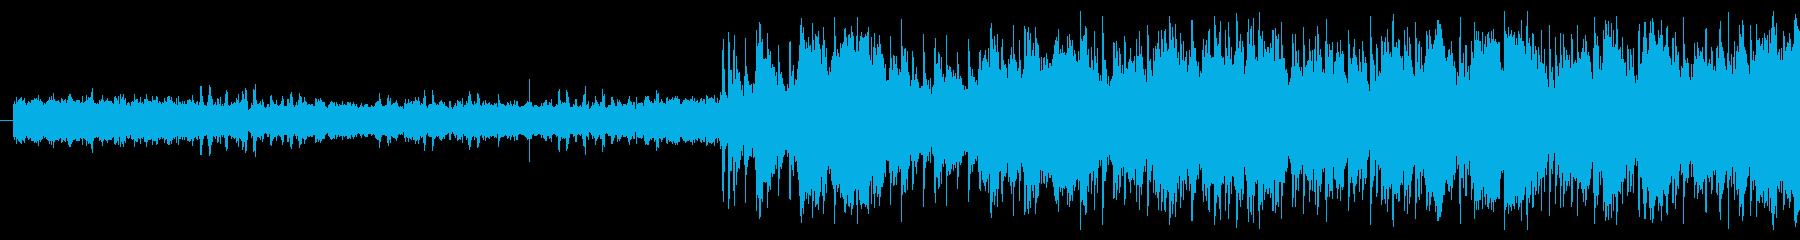 インストールの再生済みの波形